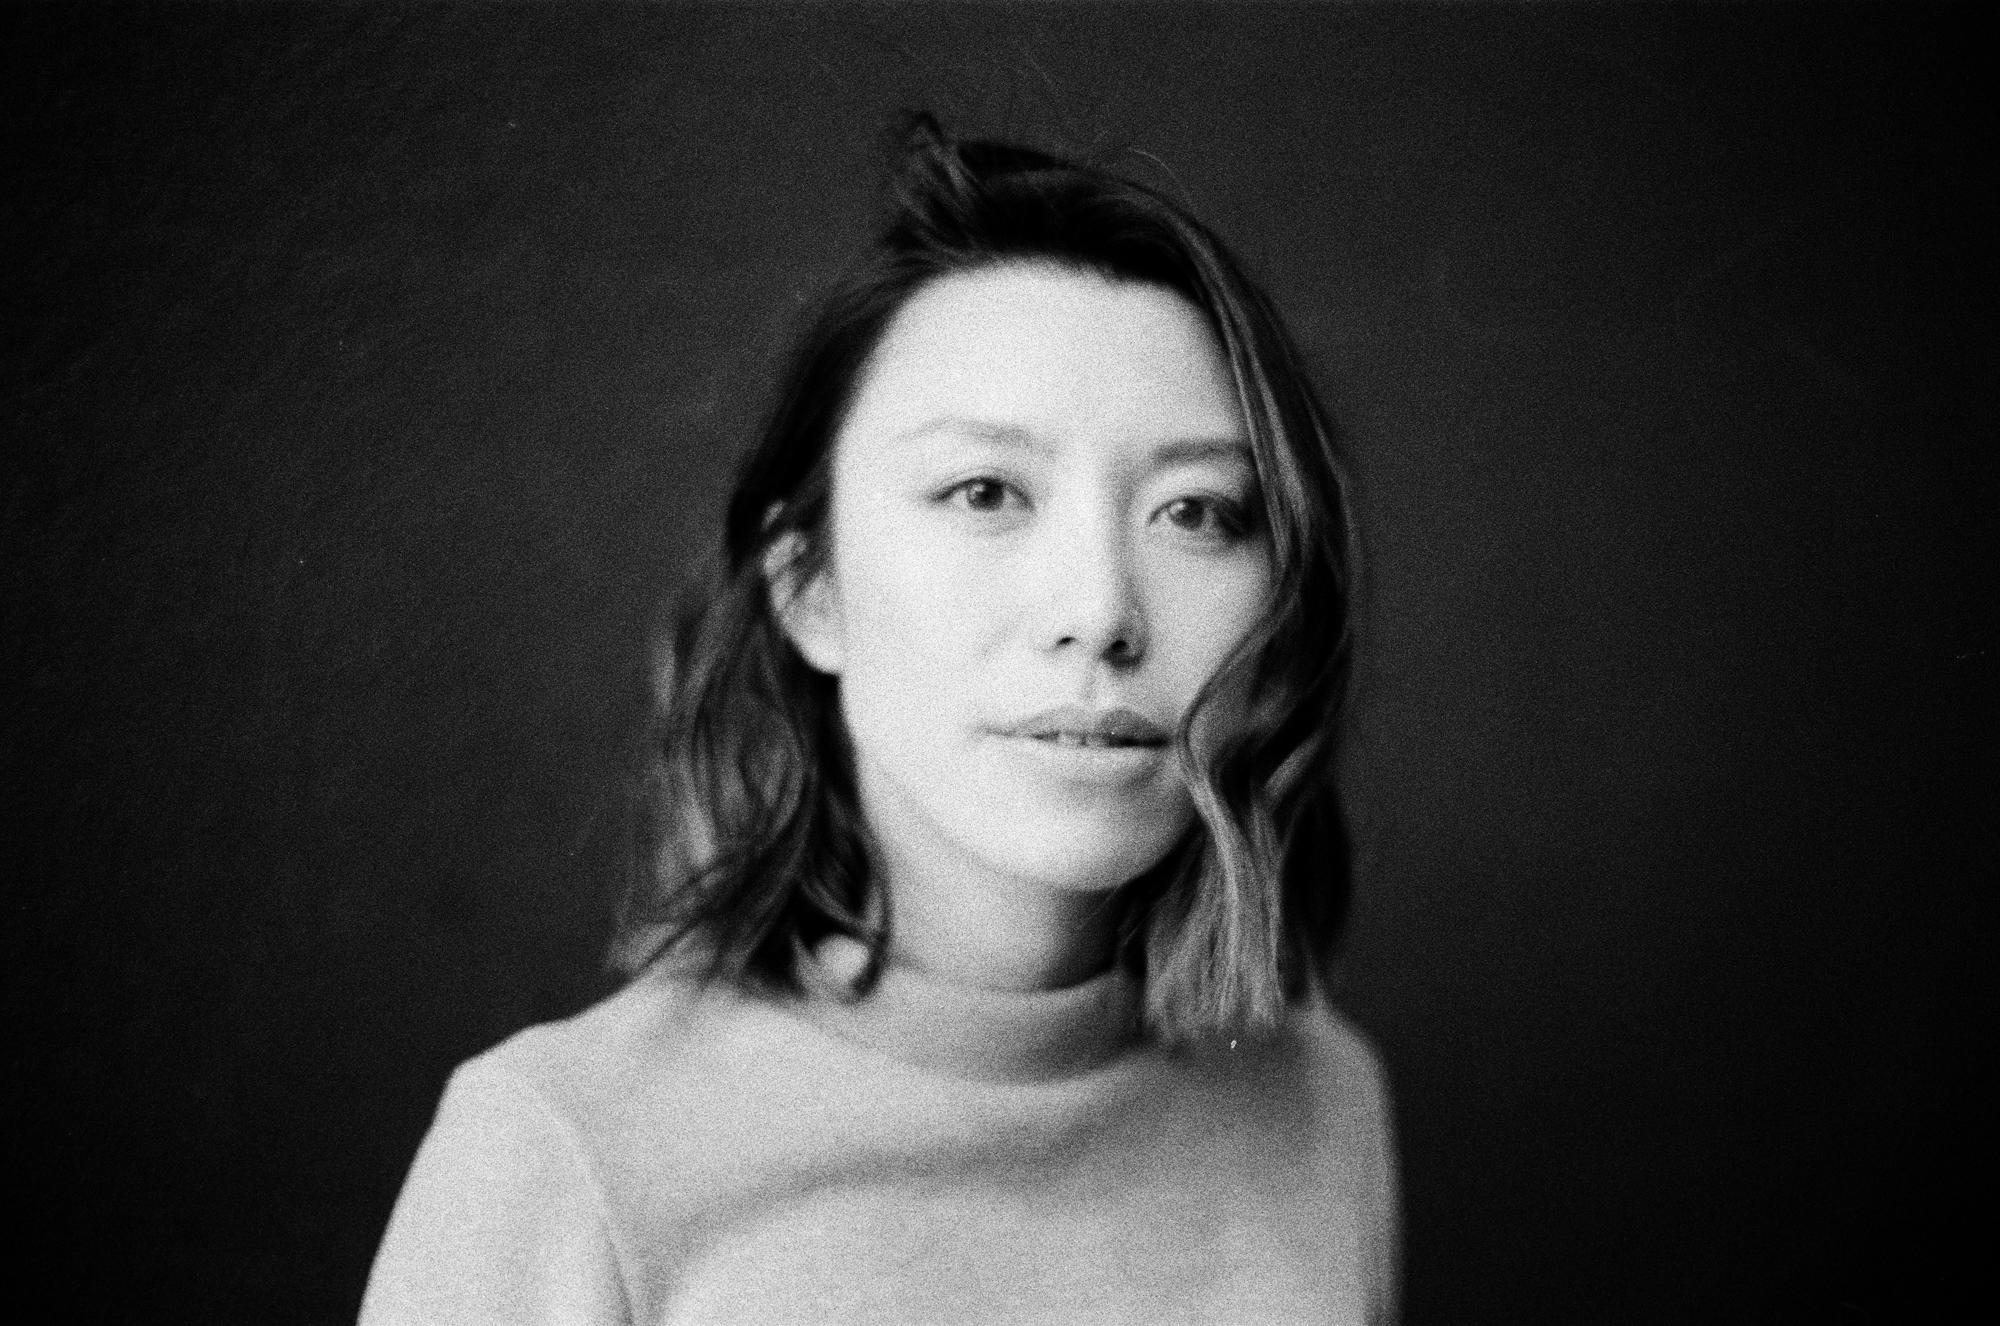 35mm Portraits